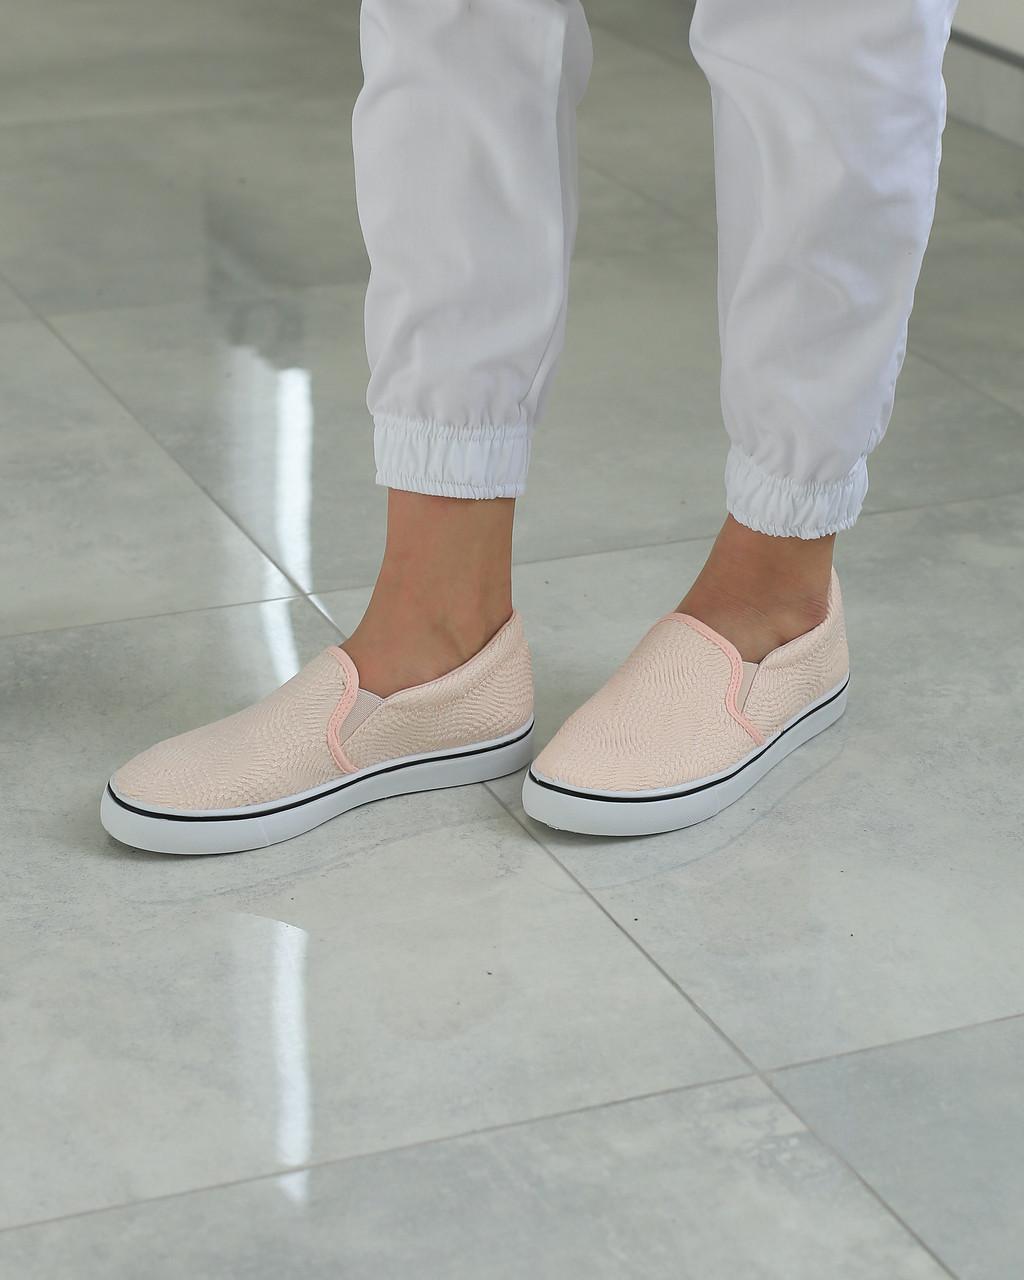 Обувь медицинская слипоны женские пудровые (блестки)